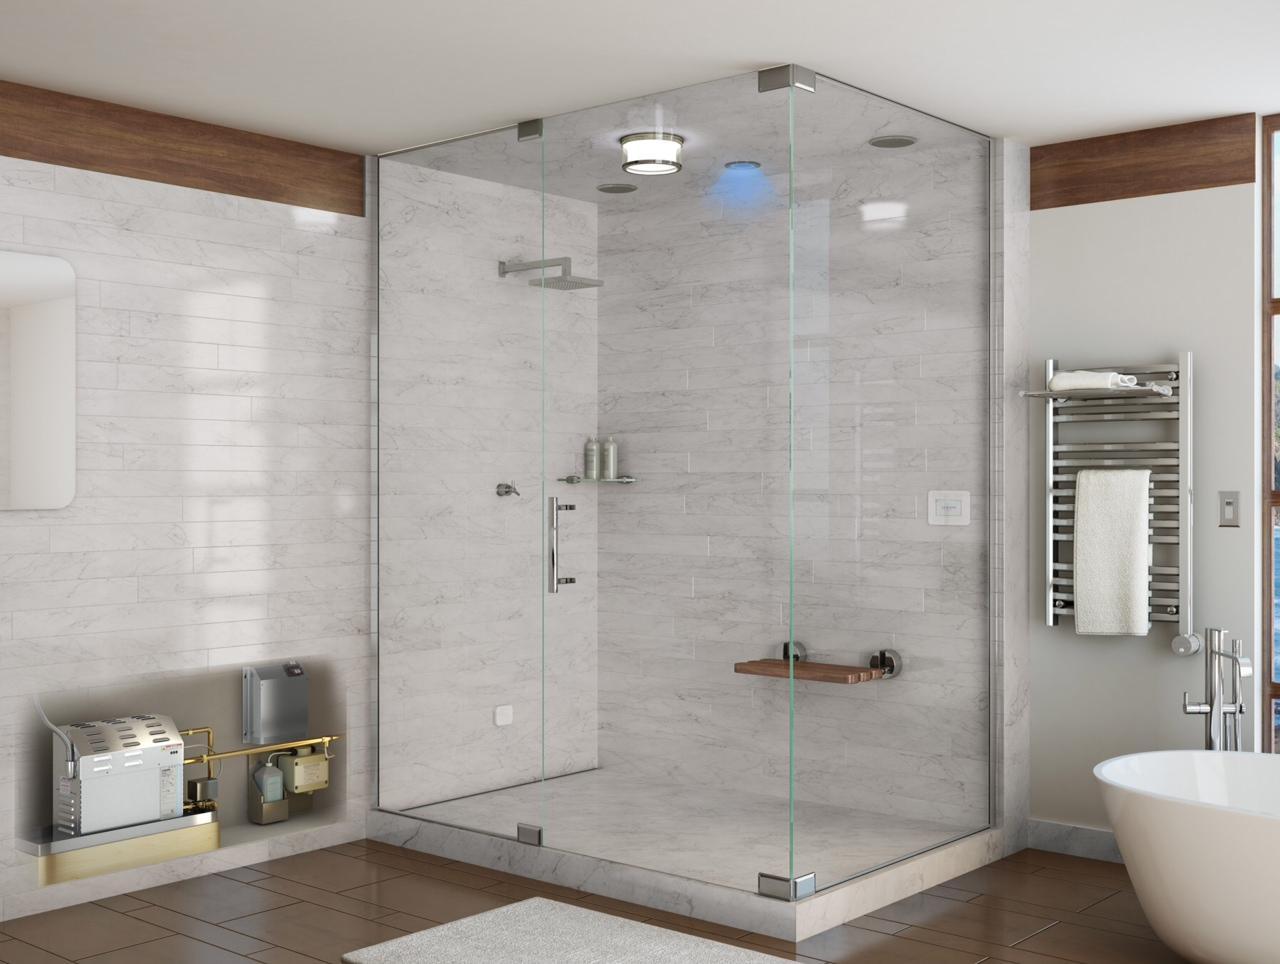 Vasca Da Bagno Doccia Combinate : Articolo vasche da bagno i modelli piu belli di doccia